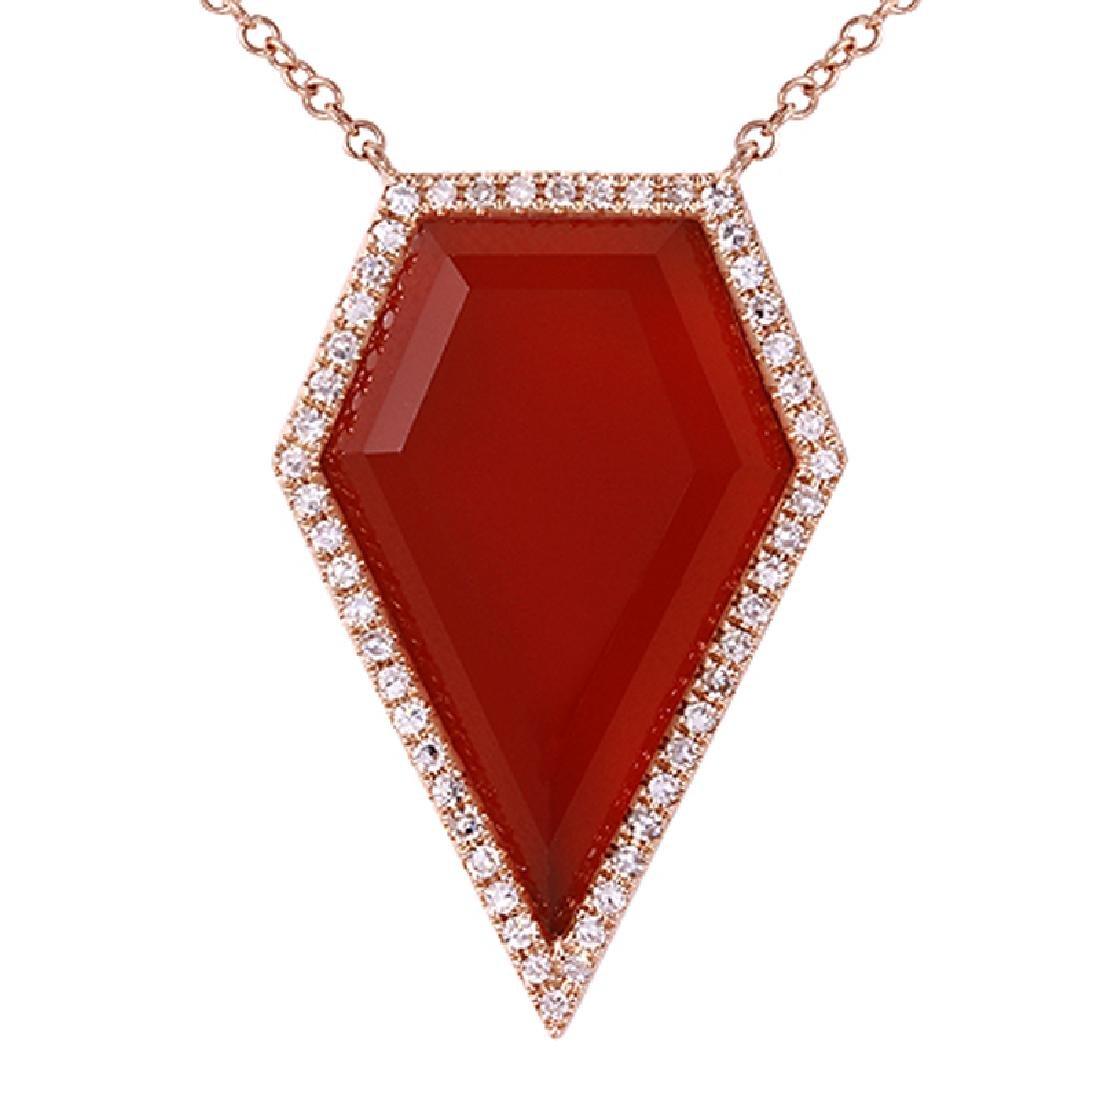 14KT Rose Gold Agate Necklace